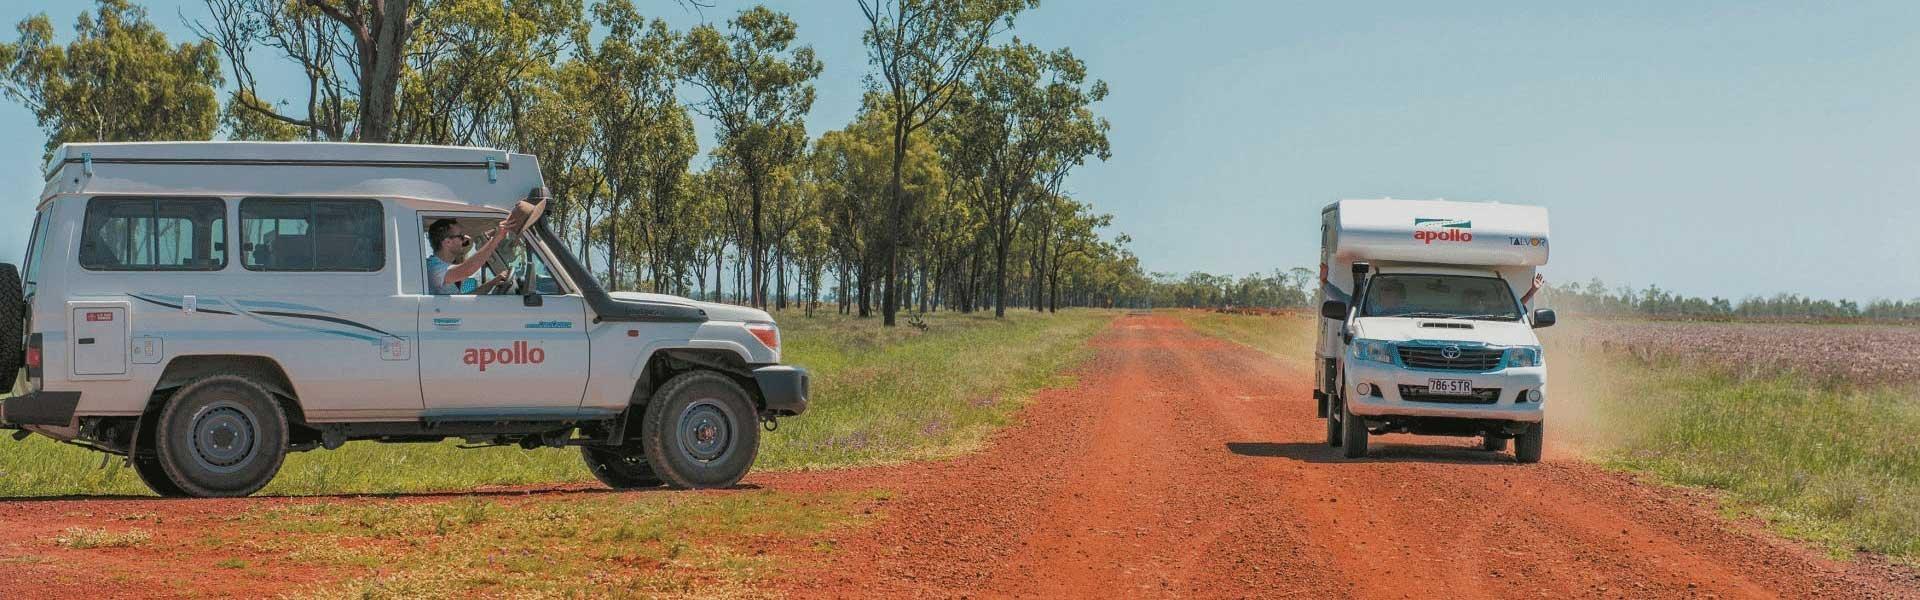 Maak een onvoorgetelijke camperreis door Australië met een camper van Apollo